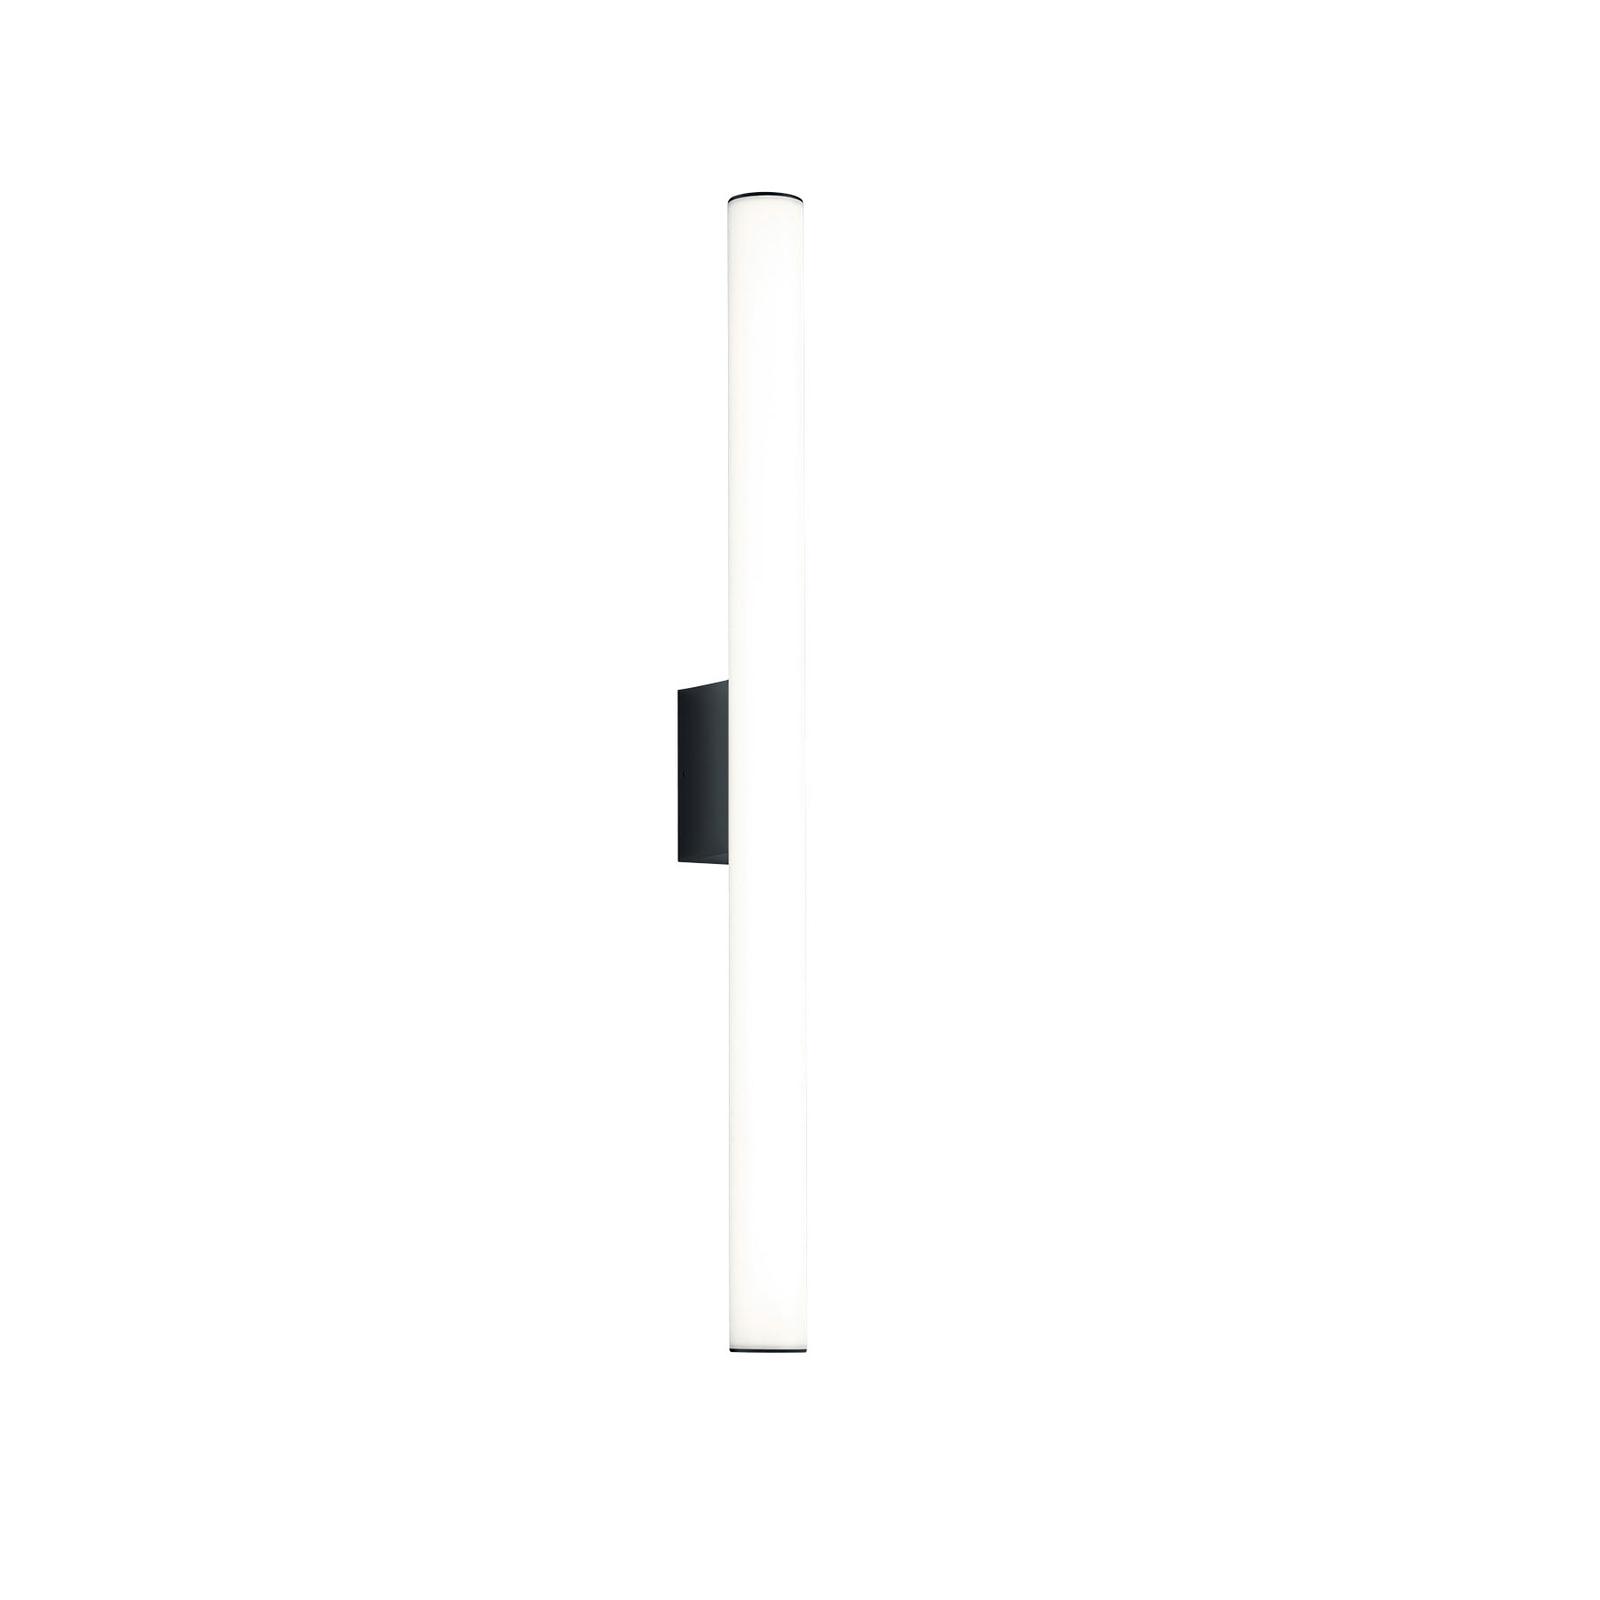 Helestra Loom spiegellamp zwart 60 cm